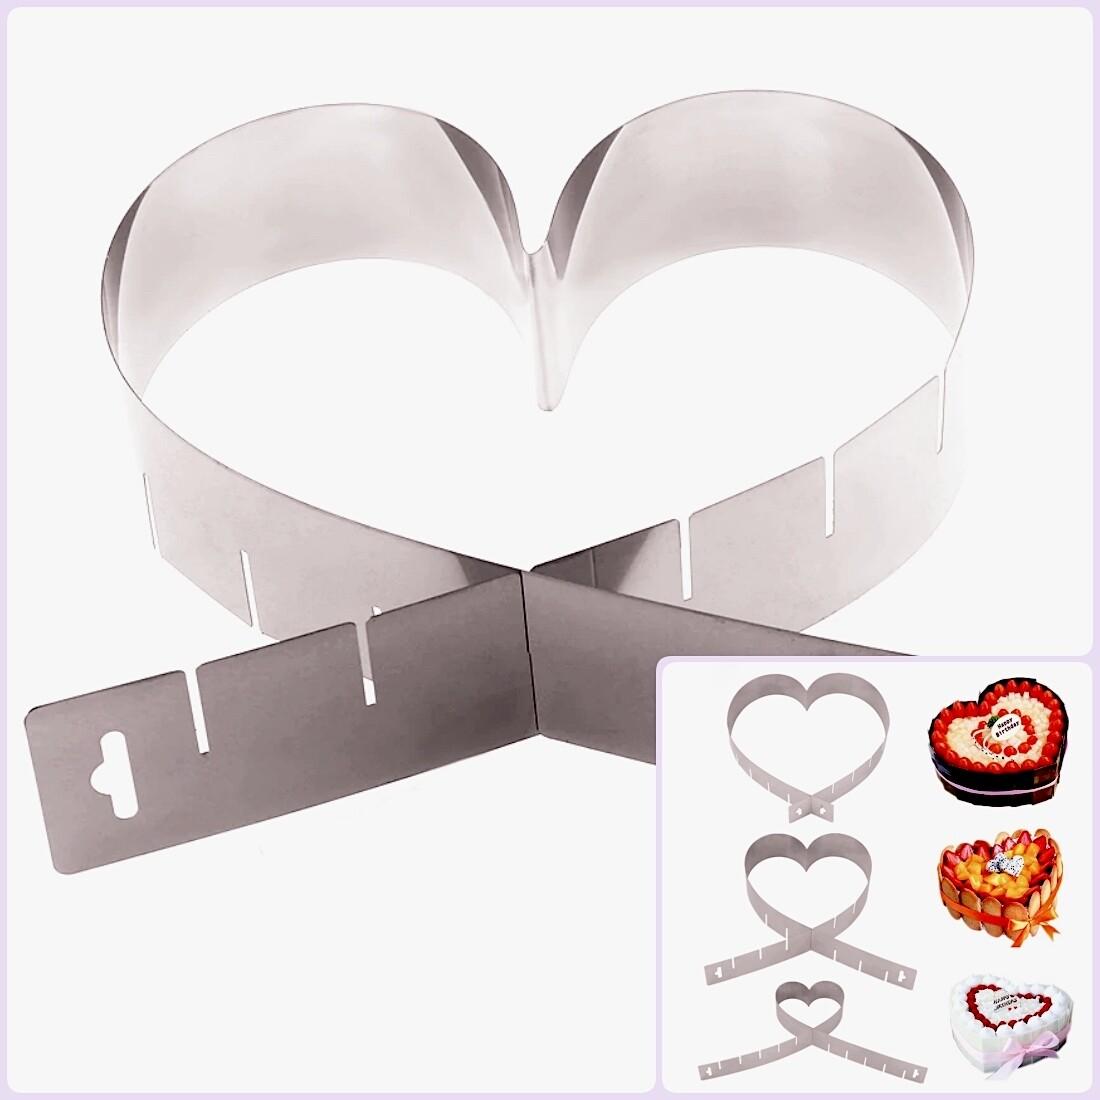 Форма для выпечки металлическая разъёмная | Сердце 12-26 см